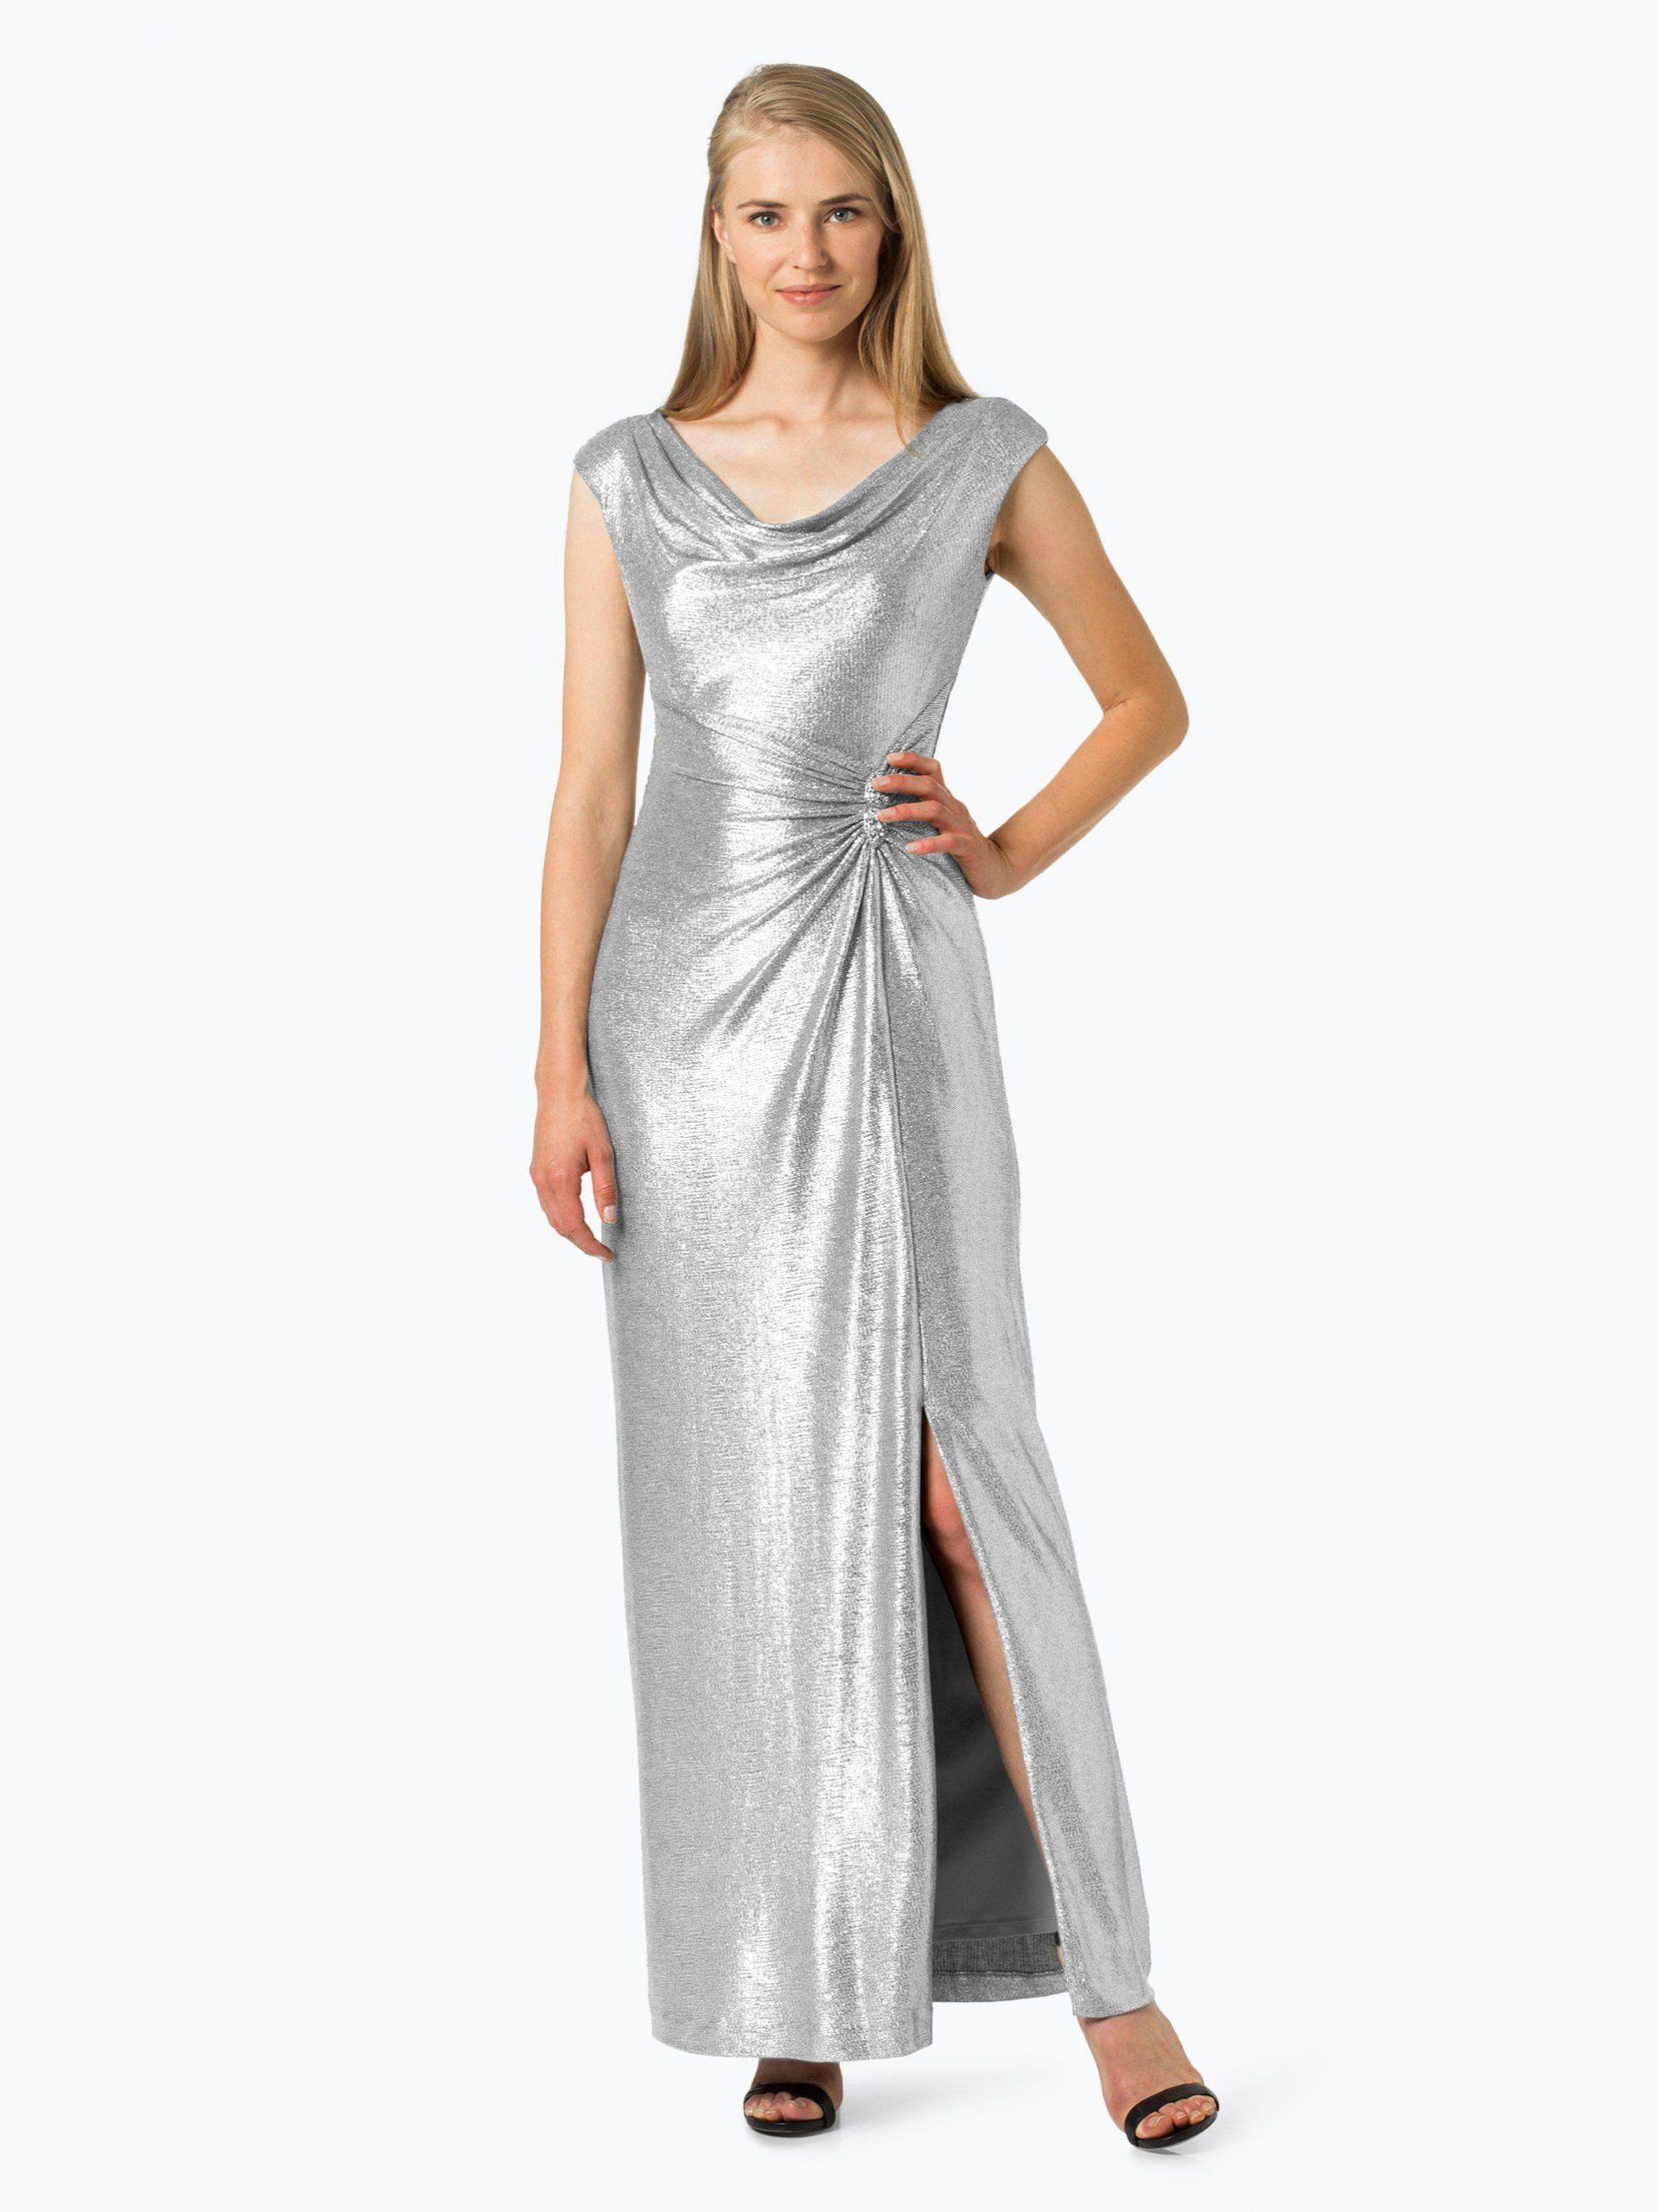 Abend Ausgezeichnet Abendkleid Silber Vertrieb15 Leicht Abendkleid Silber Spezialgebiet